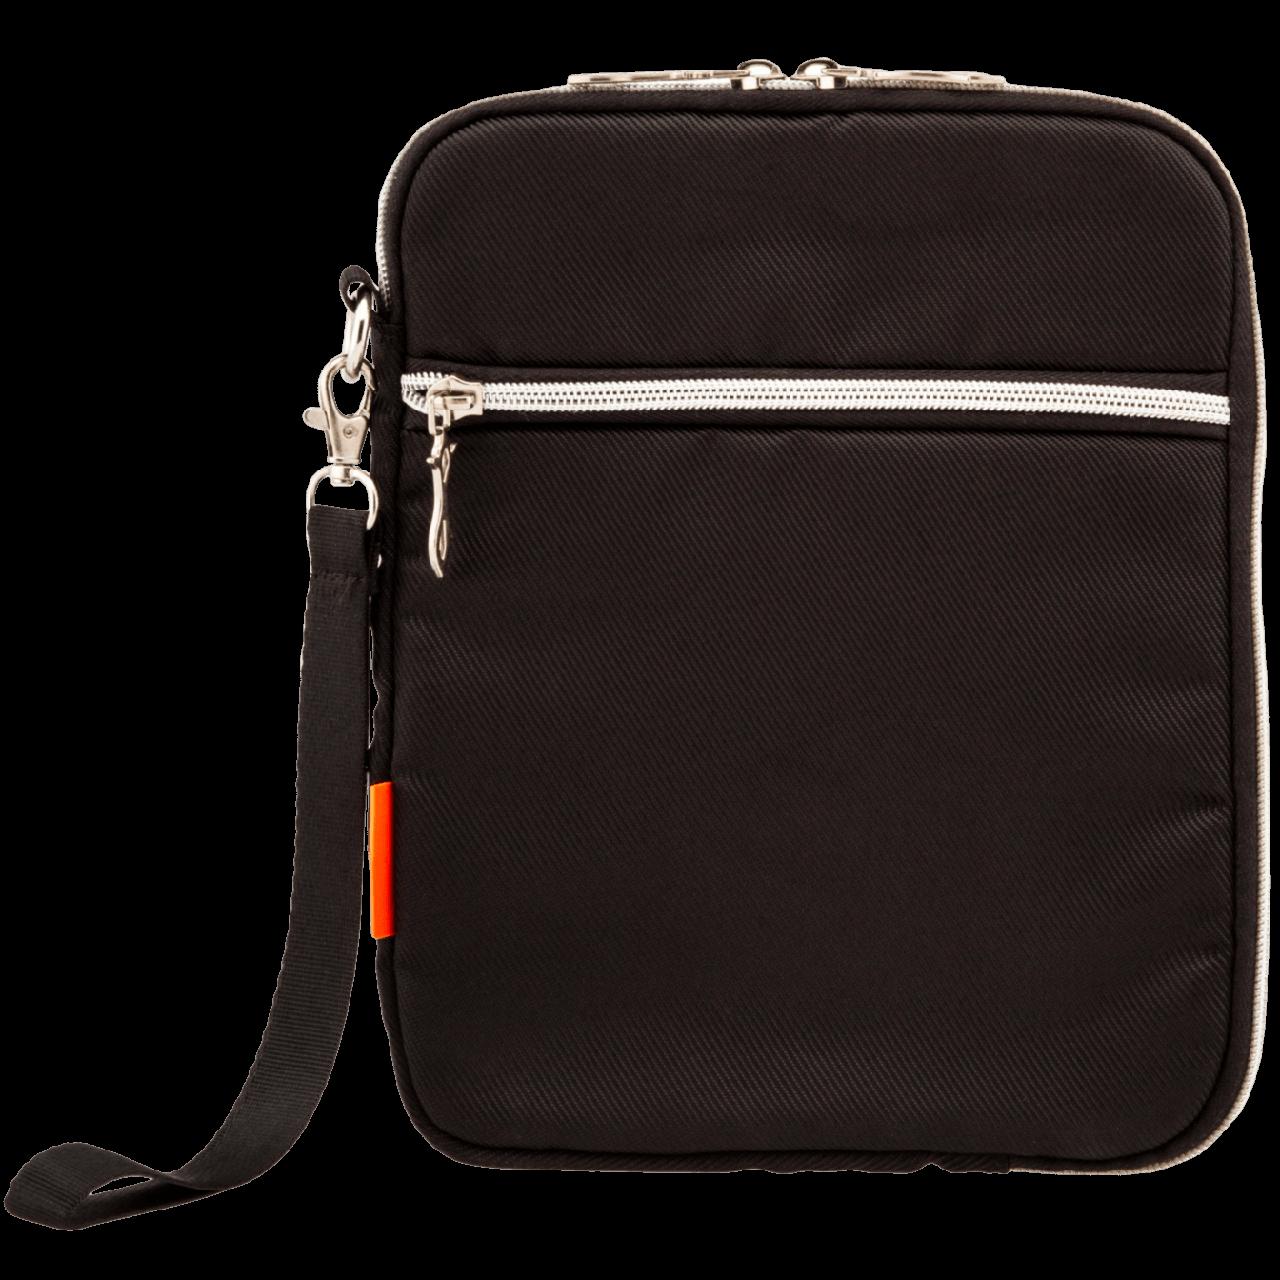 """9.7"""" LF-655  Чехол для iPad, планшета, неопрен, Apple- дизайн, черный (2444)"""